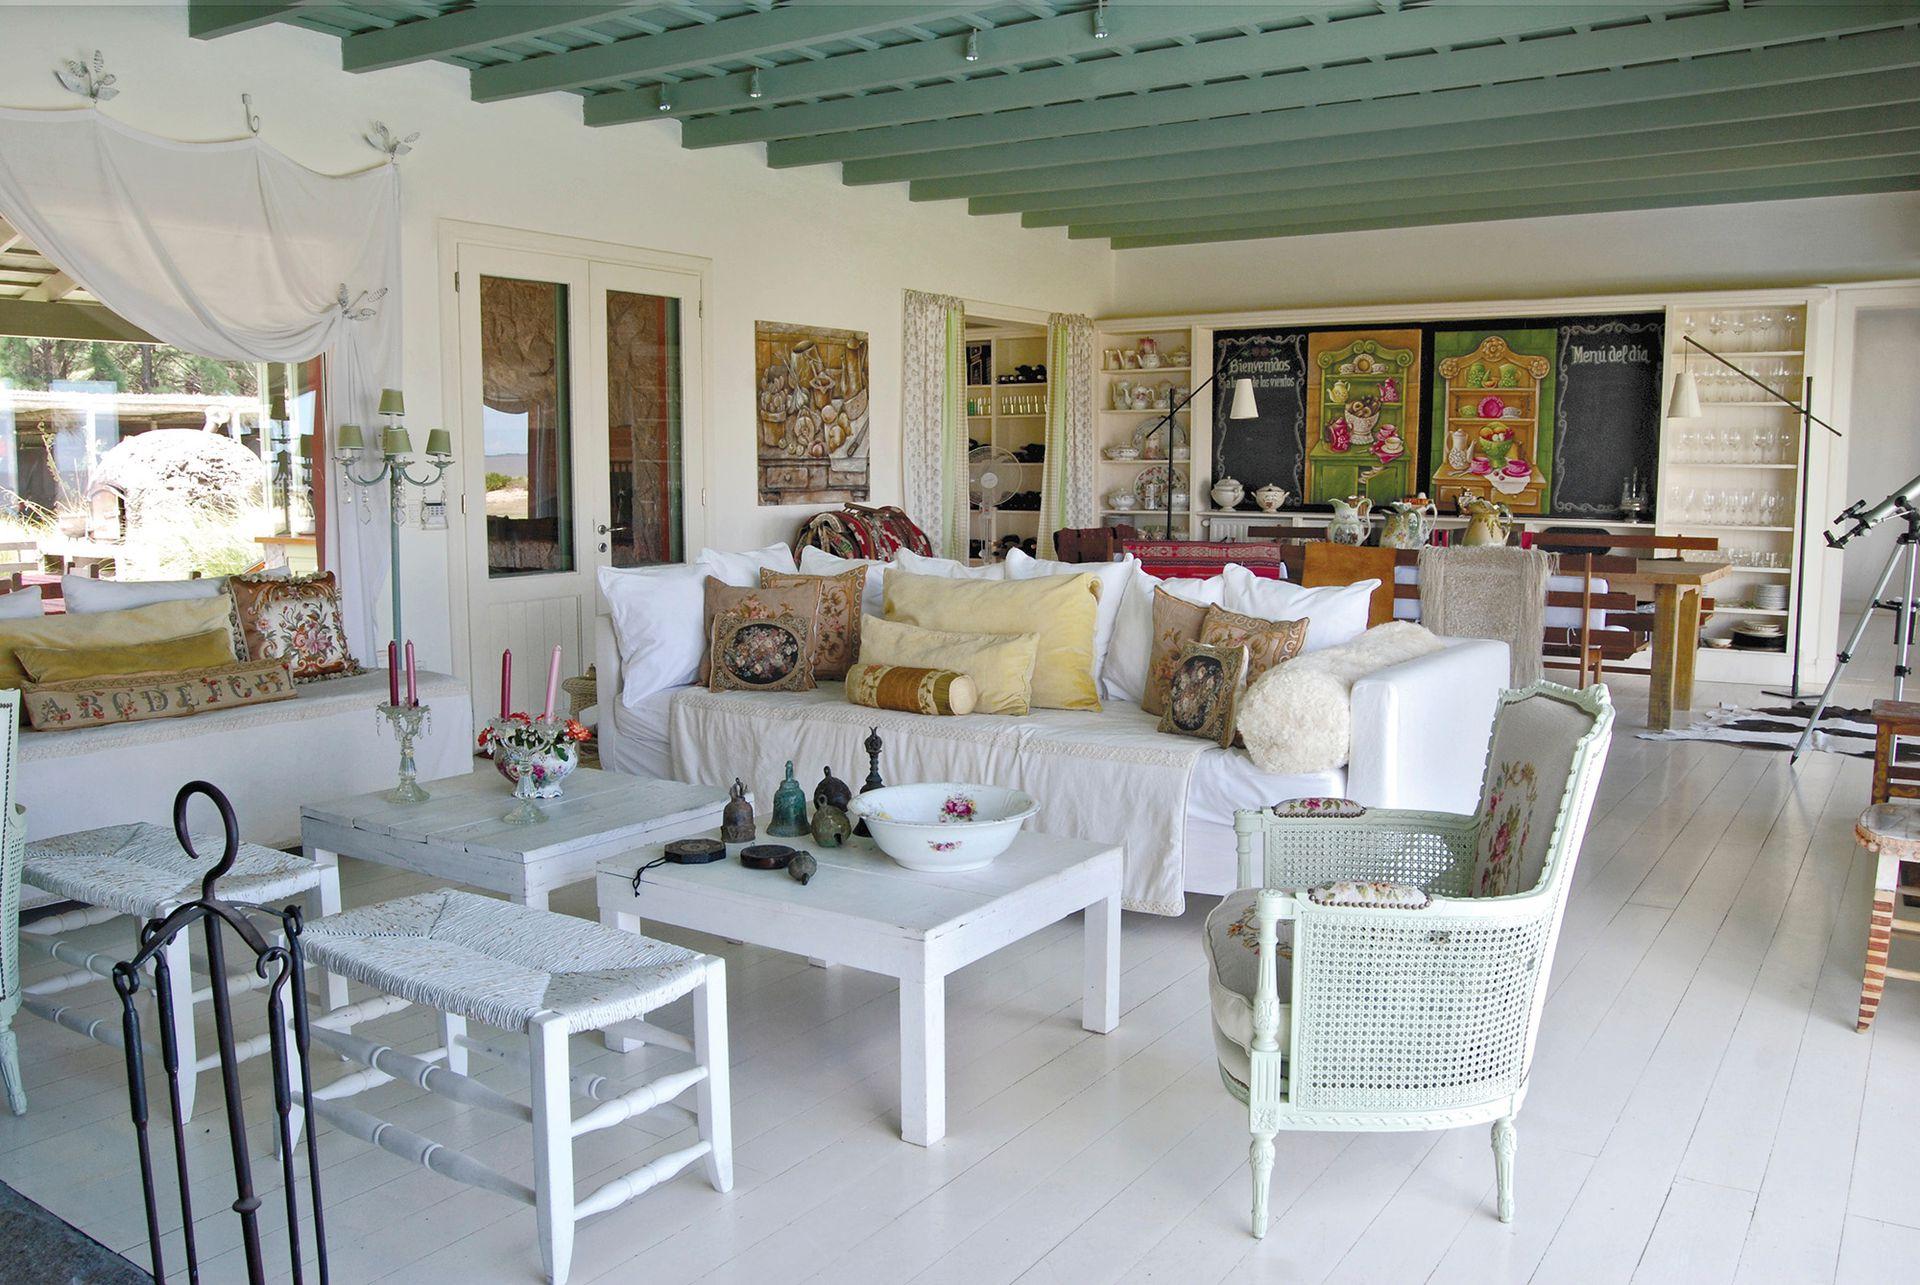 En el respaldo del sillón esterillado y restaurado hay un bordado en petit point hecho por la dueña de casa.